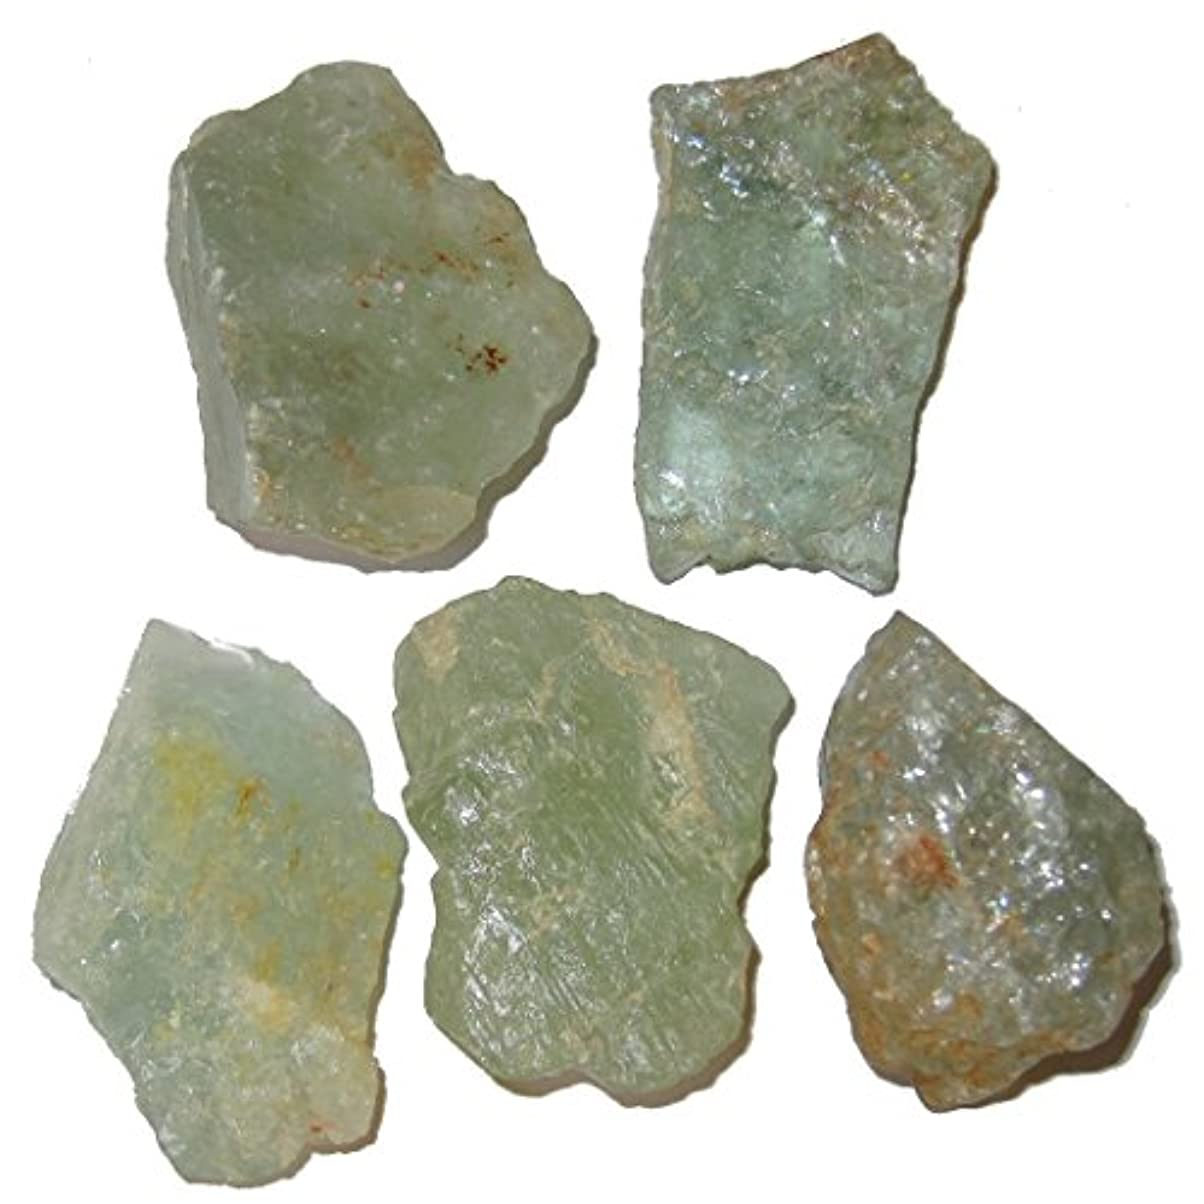 ホバーヒゲクジラフラグラントサテンクリスタルアクアマリンRaw Gemstone 1.7 – 2.1